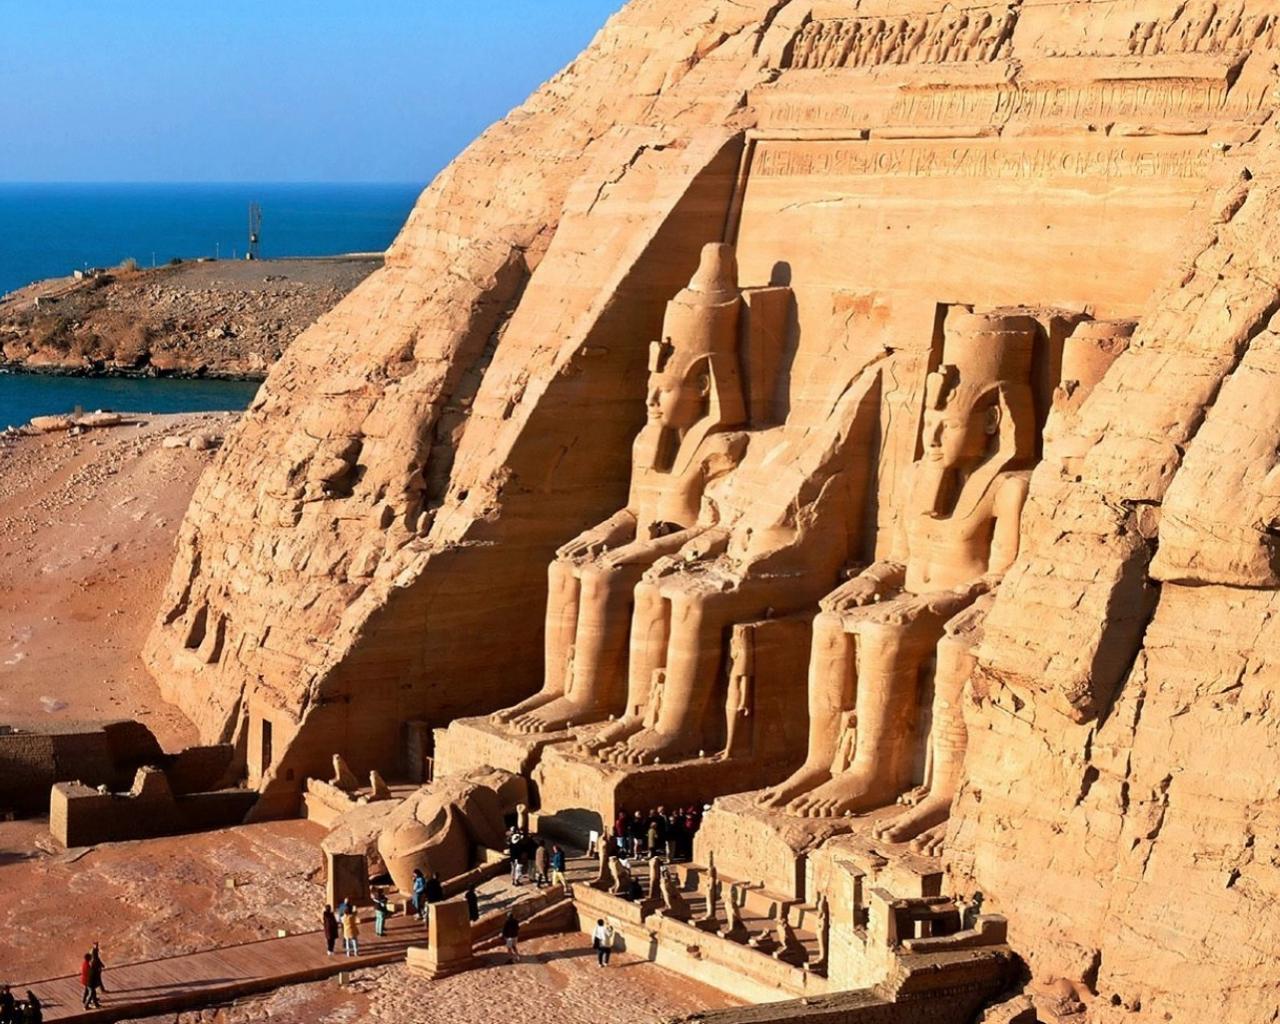 Скачать обои Храм Рамзеса, скала Абу-Симбел, Египет.